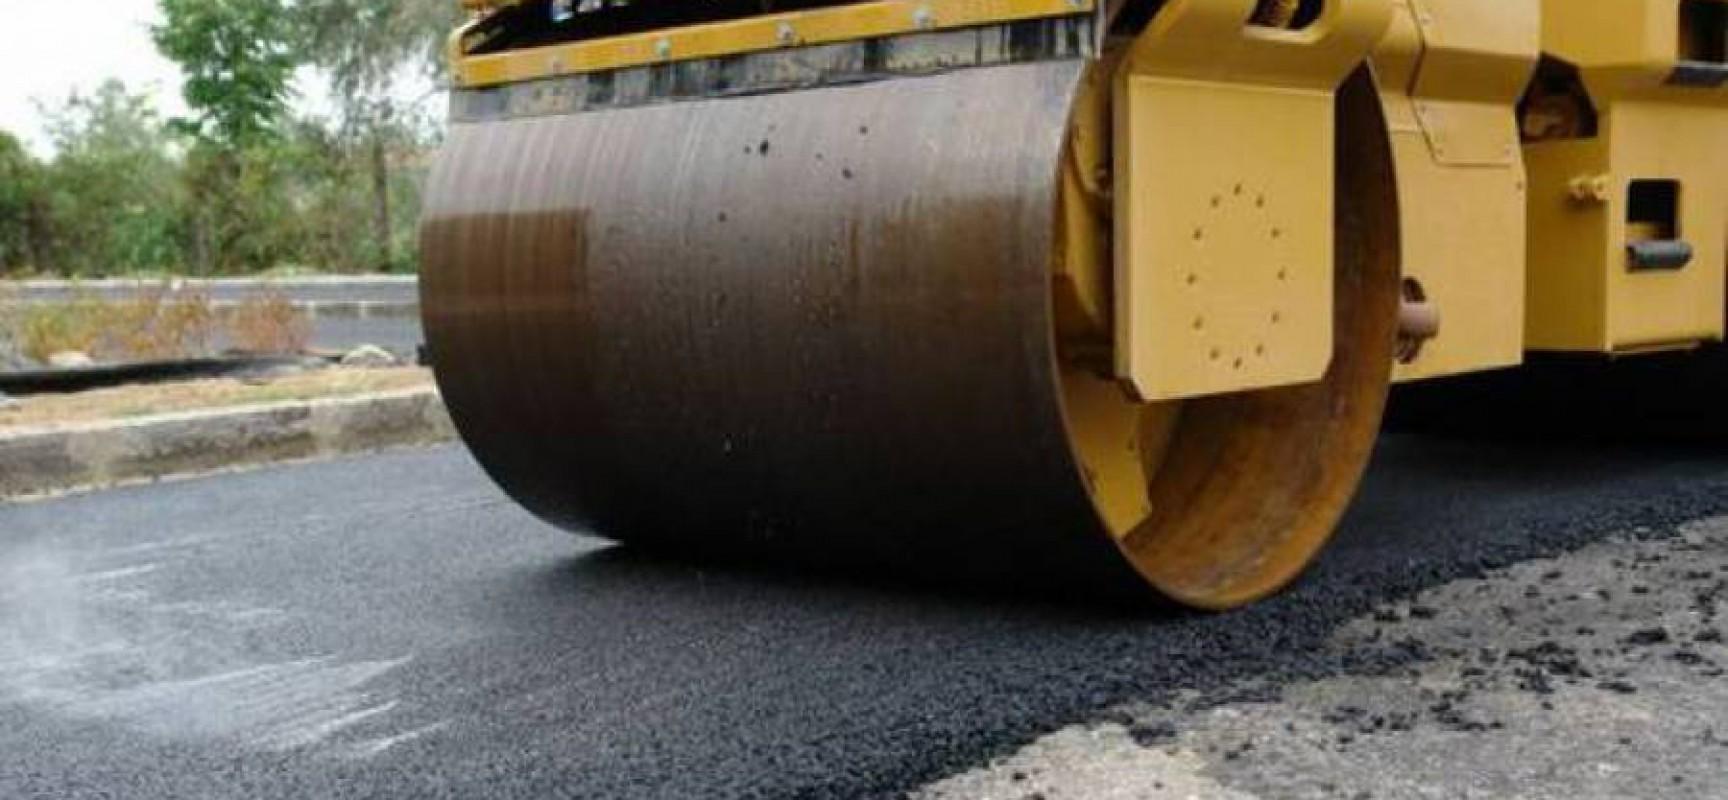 ΠΡΟΚΗΡΥΞΗ ΔΗΜΟΣΙΑΣ ΣΥΜΒΑΣΗΣ για την επιλογή αναδόχου κατασκευής του έργου: «Βελτίωση Υποδομών Δήμου Σοφάδων»